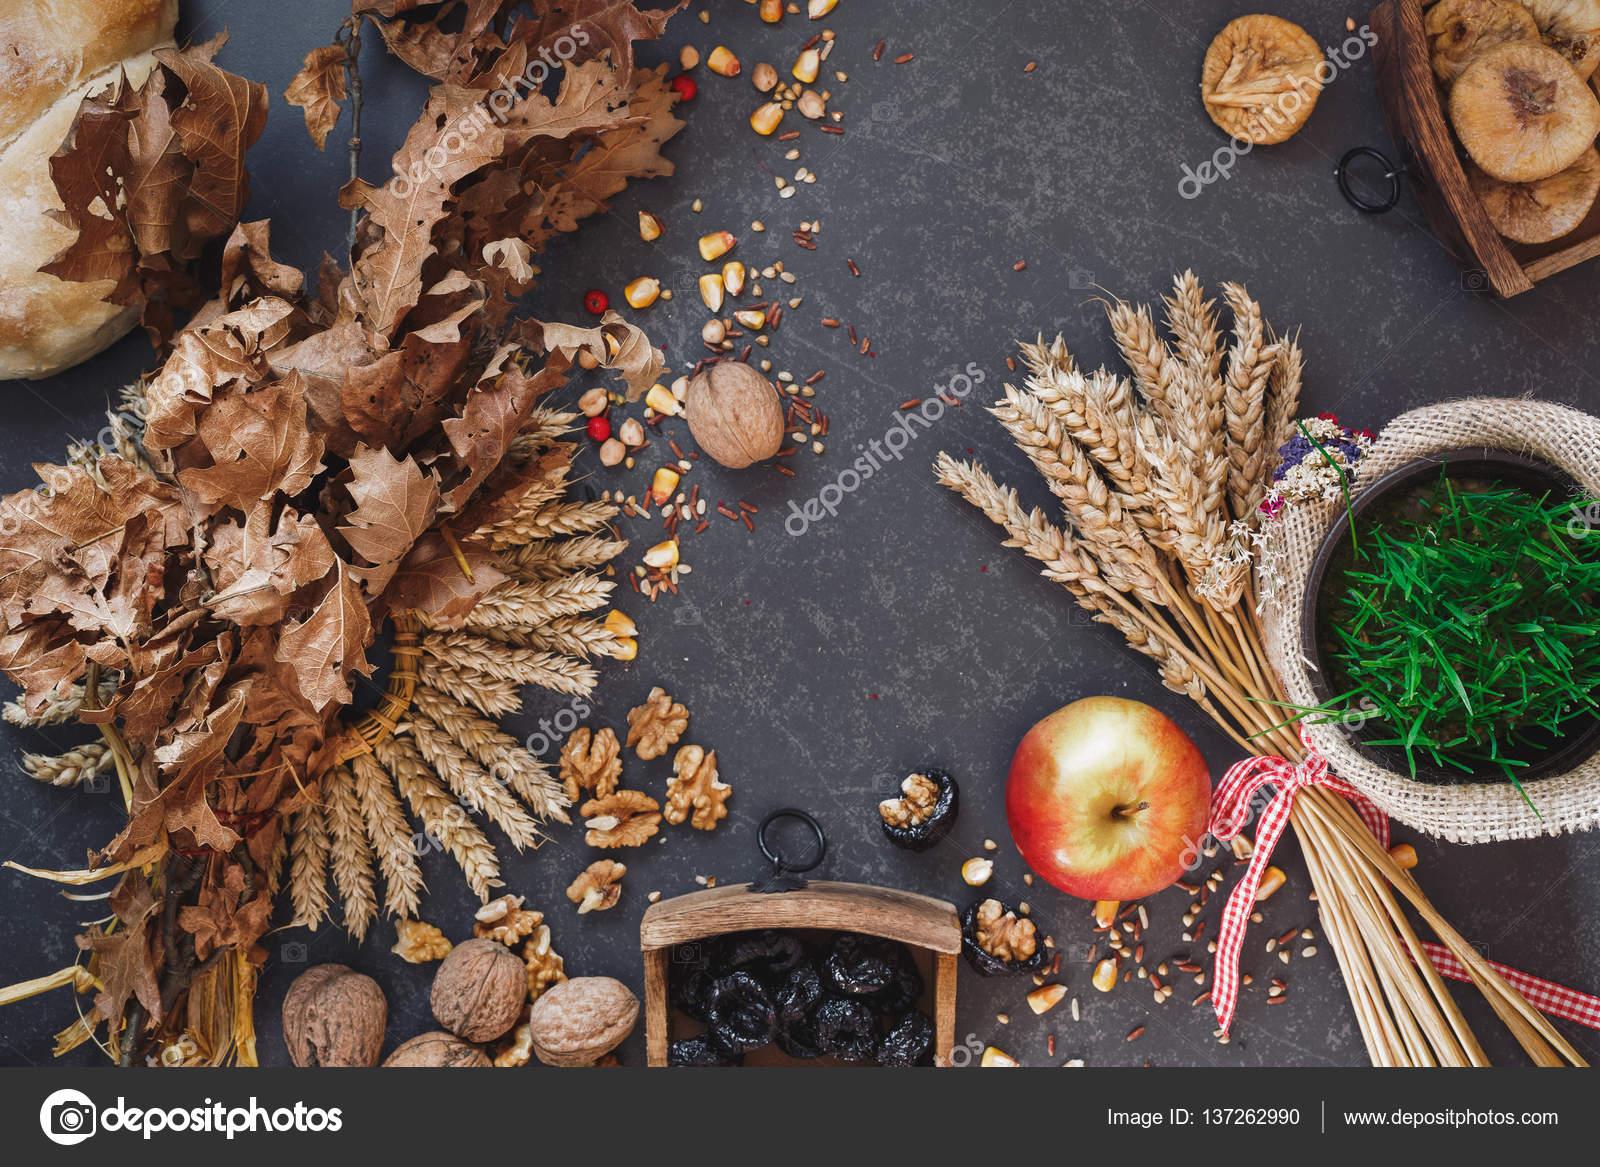 Orthodoxe Weihnachten.Orthodoxe Weihnachten Traditionen Auf Rustikalen Tisch